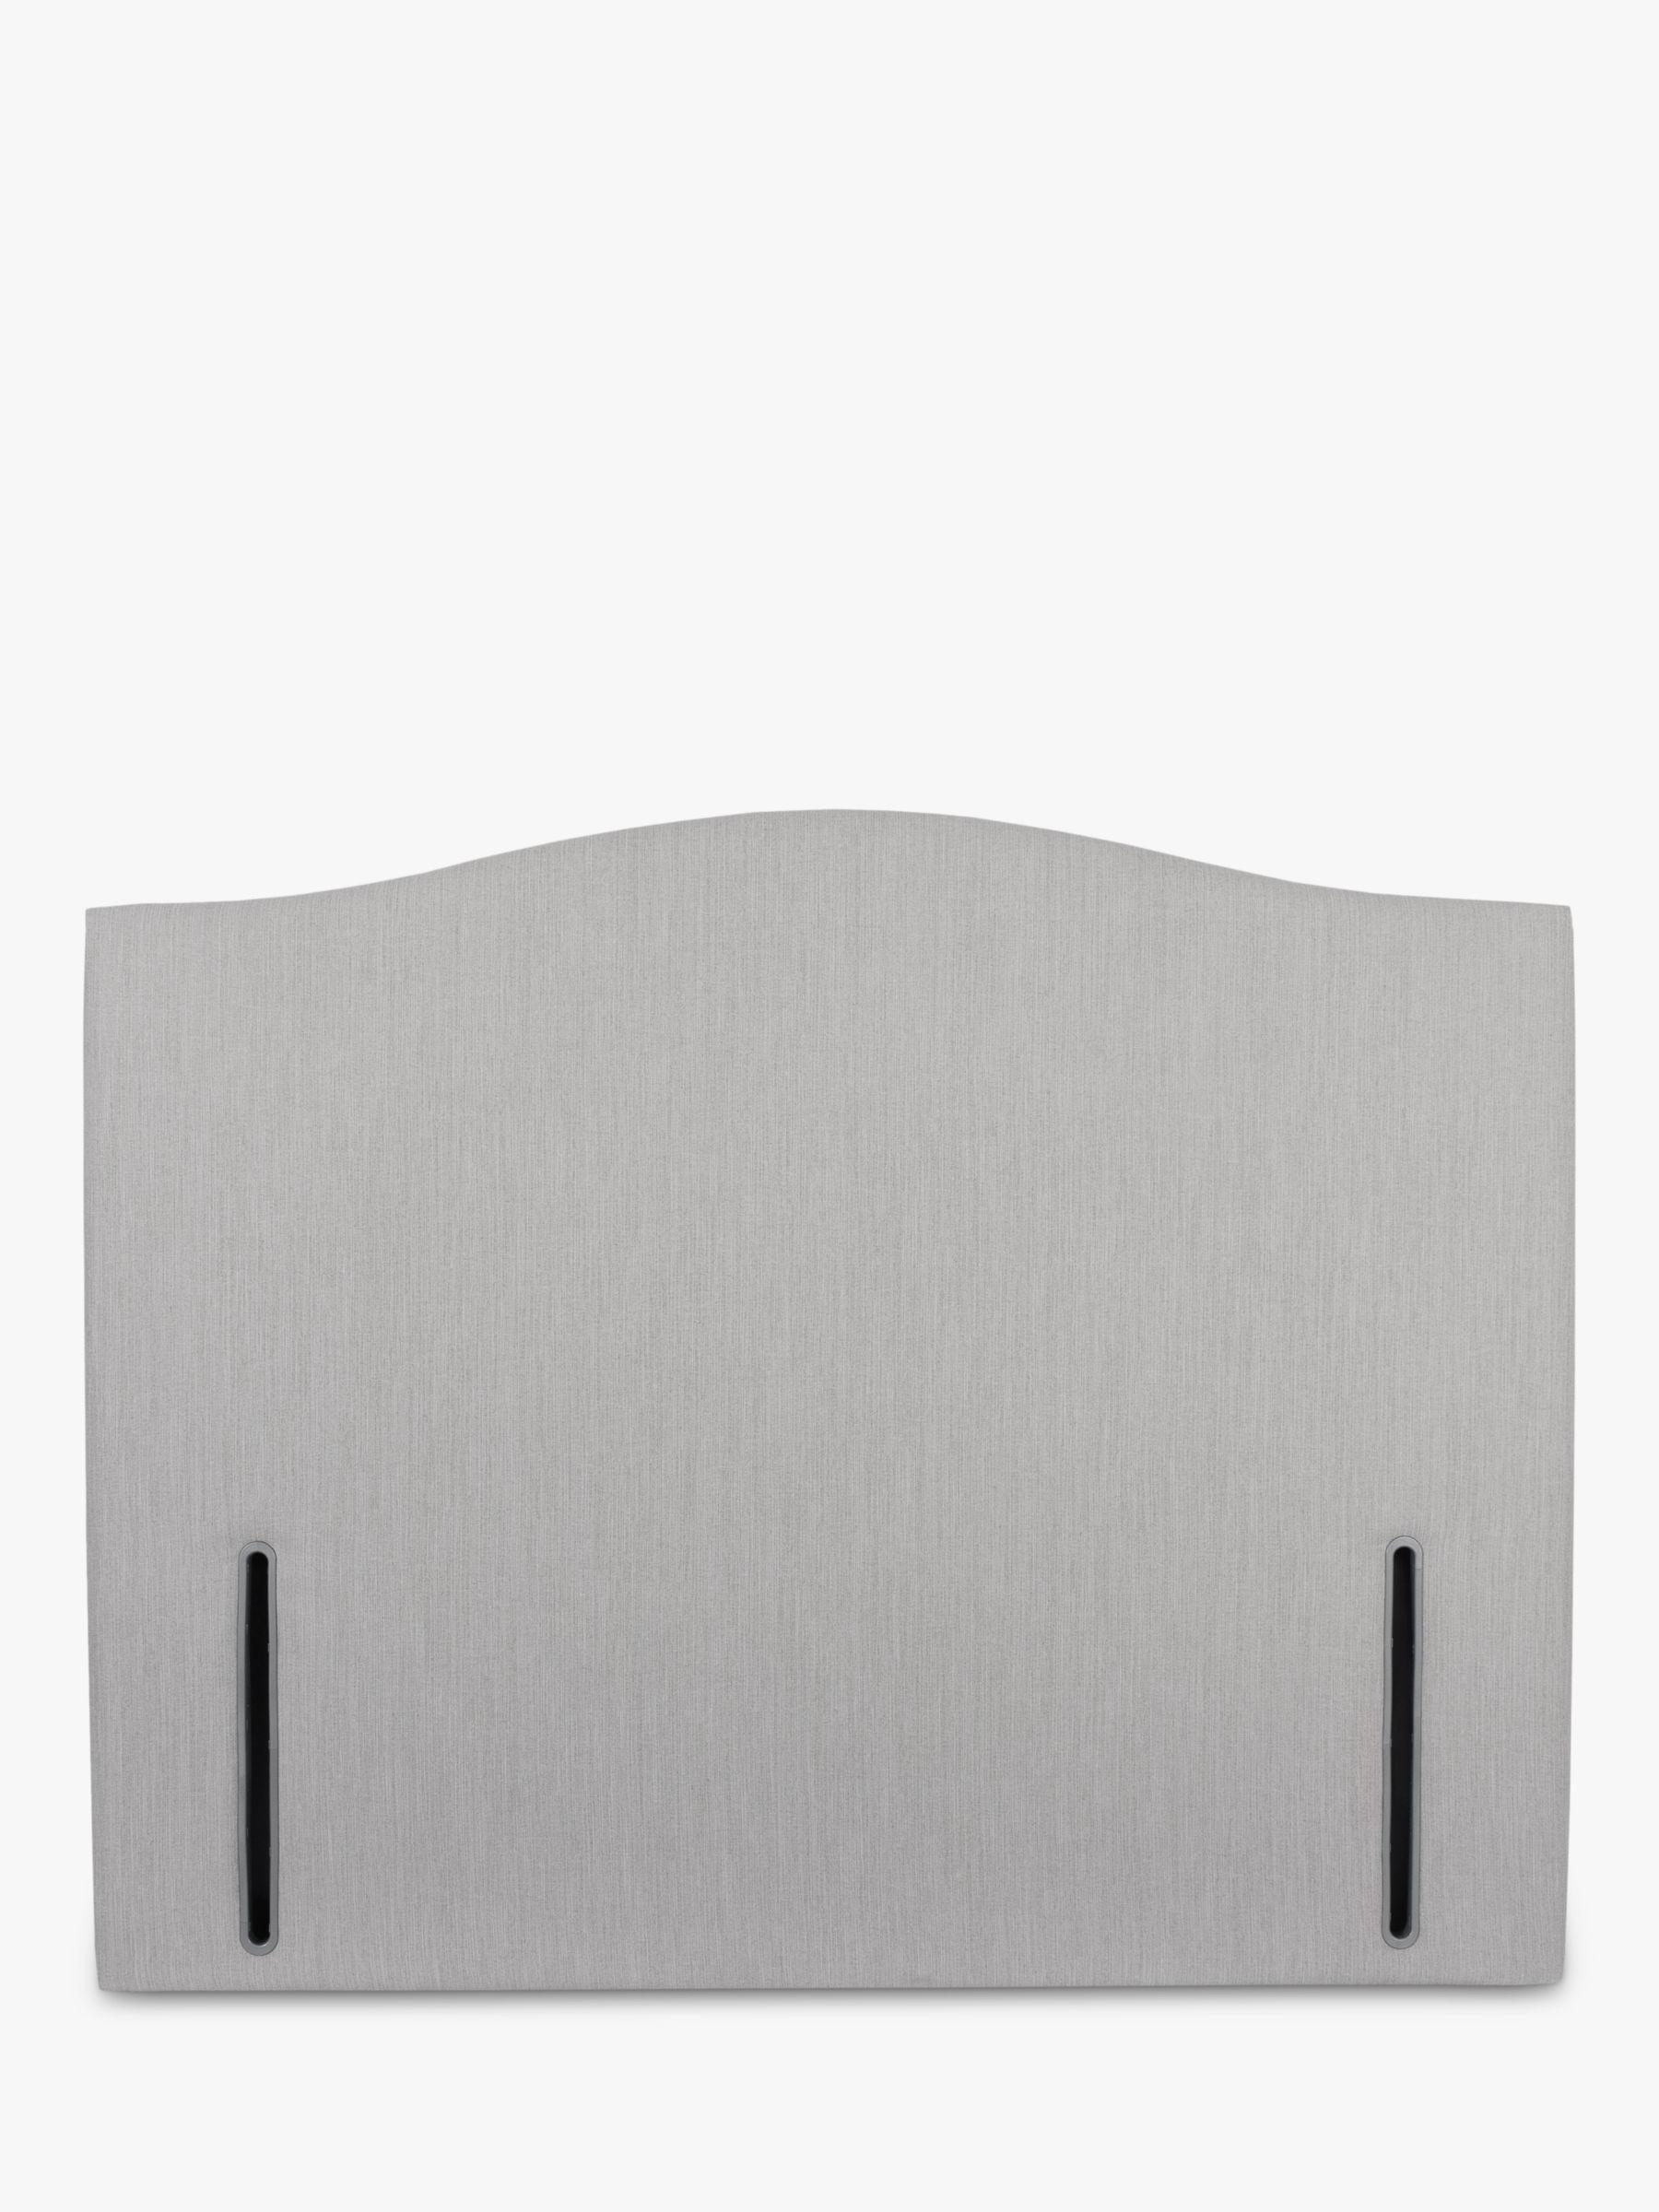 John Lewis & Partners Charlotte Full Depth Upholstered Headboard, Super King Size